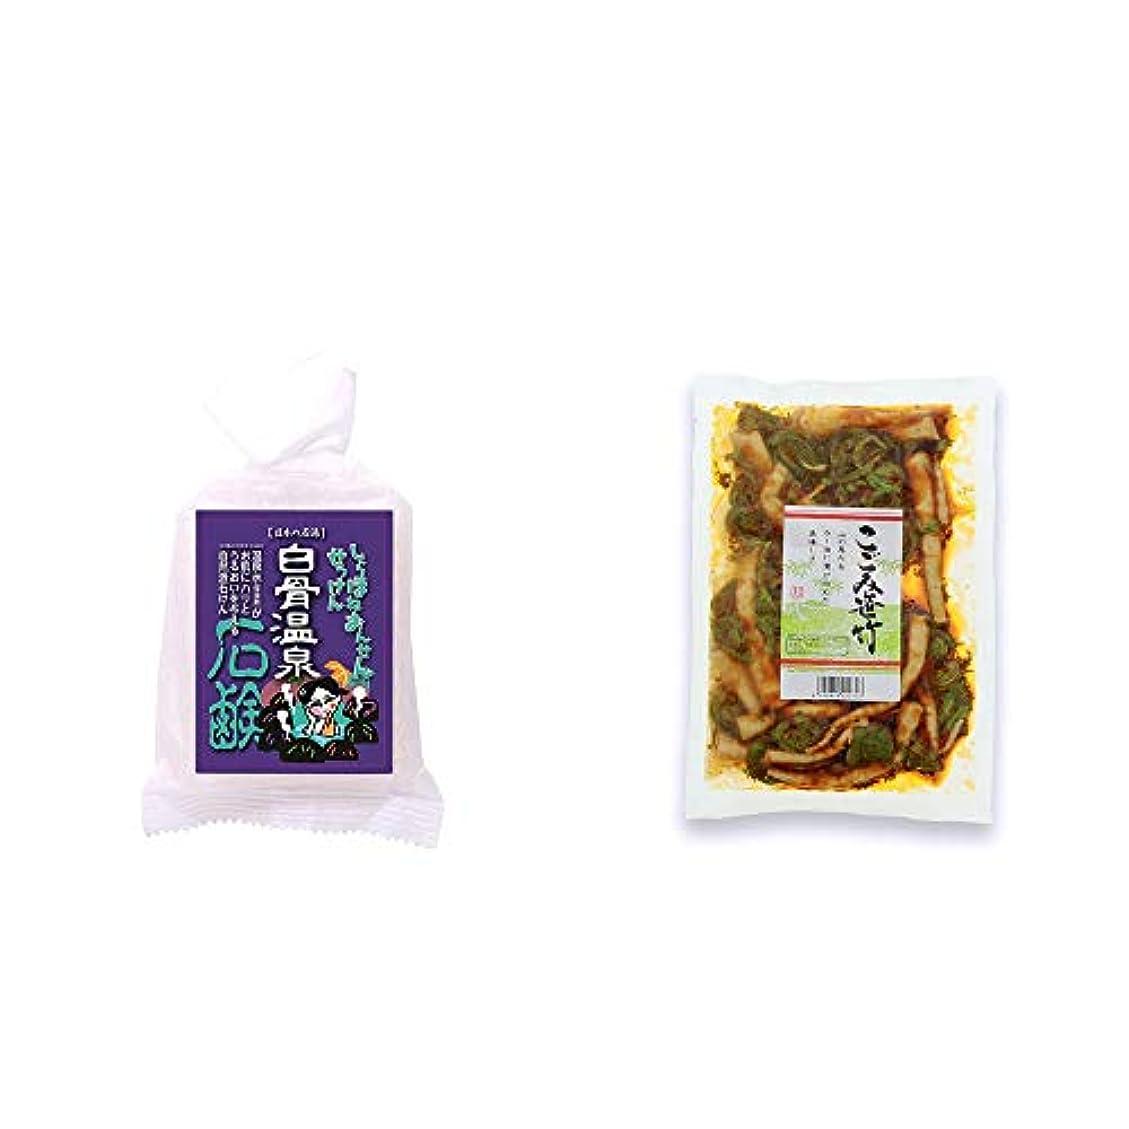 カッター熱心発生器[2点セット] 信州 白骨温泉石鹸(80g)?こごみ笹竹(250g)